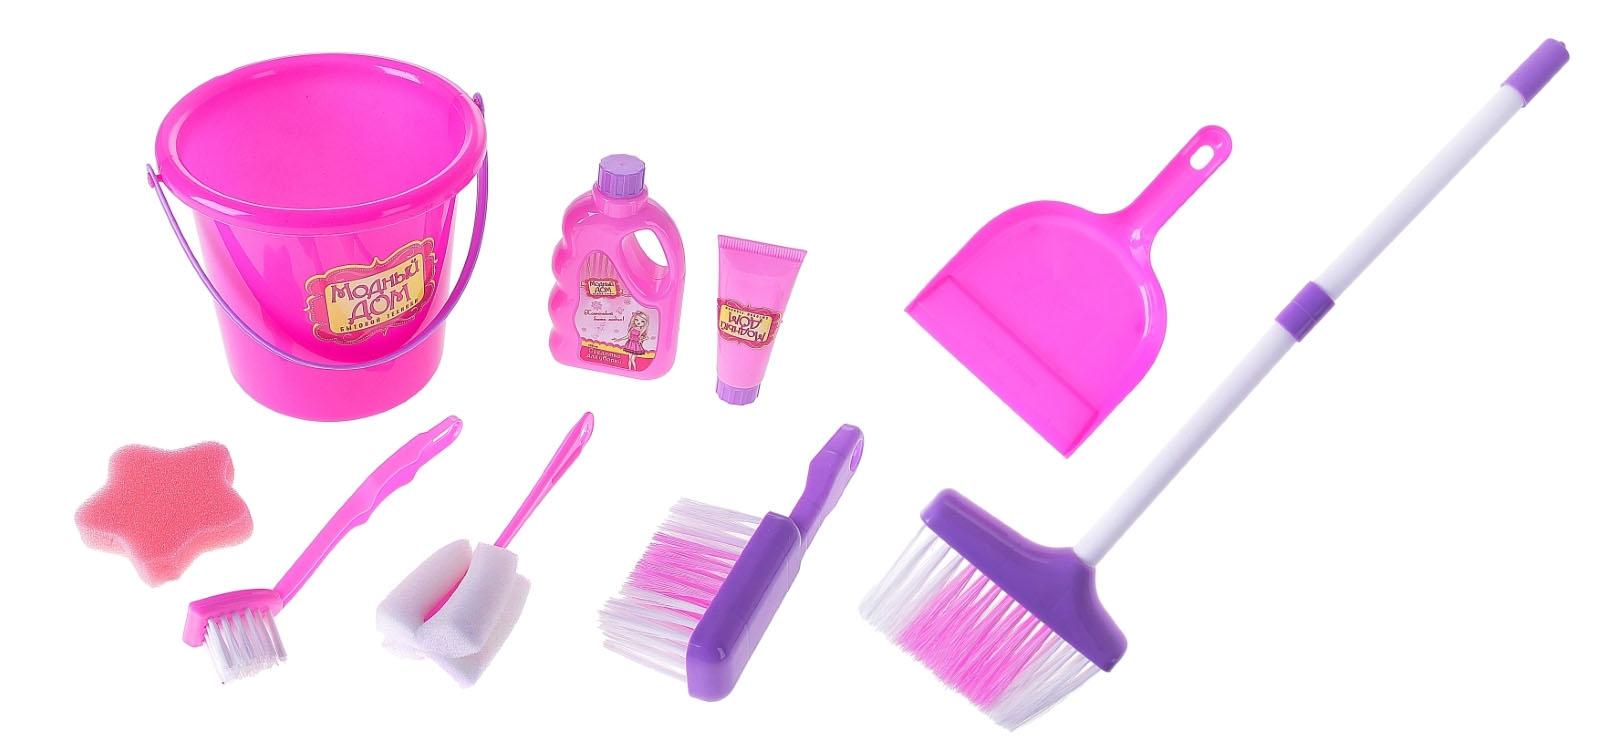 Детский набор для уборки купить в Украине - PlushevoToys